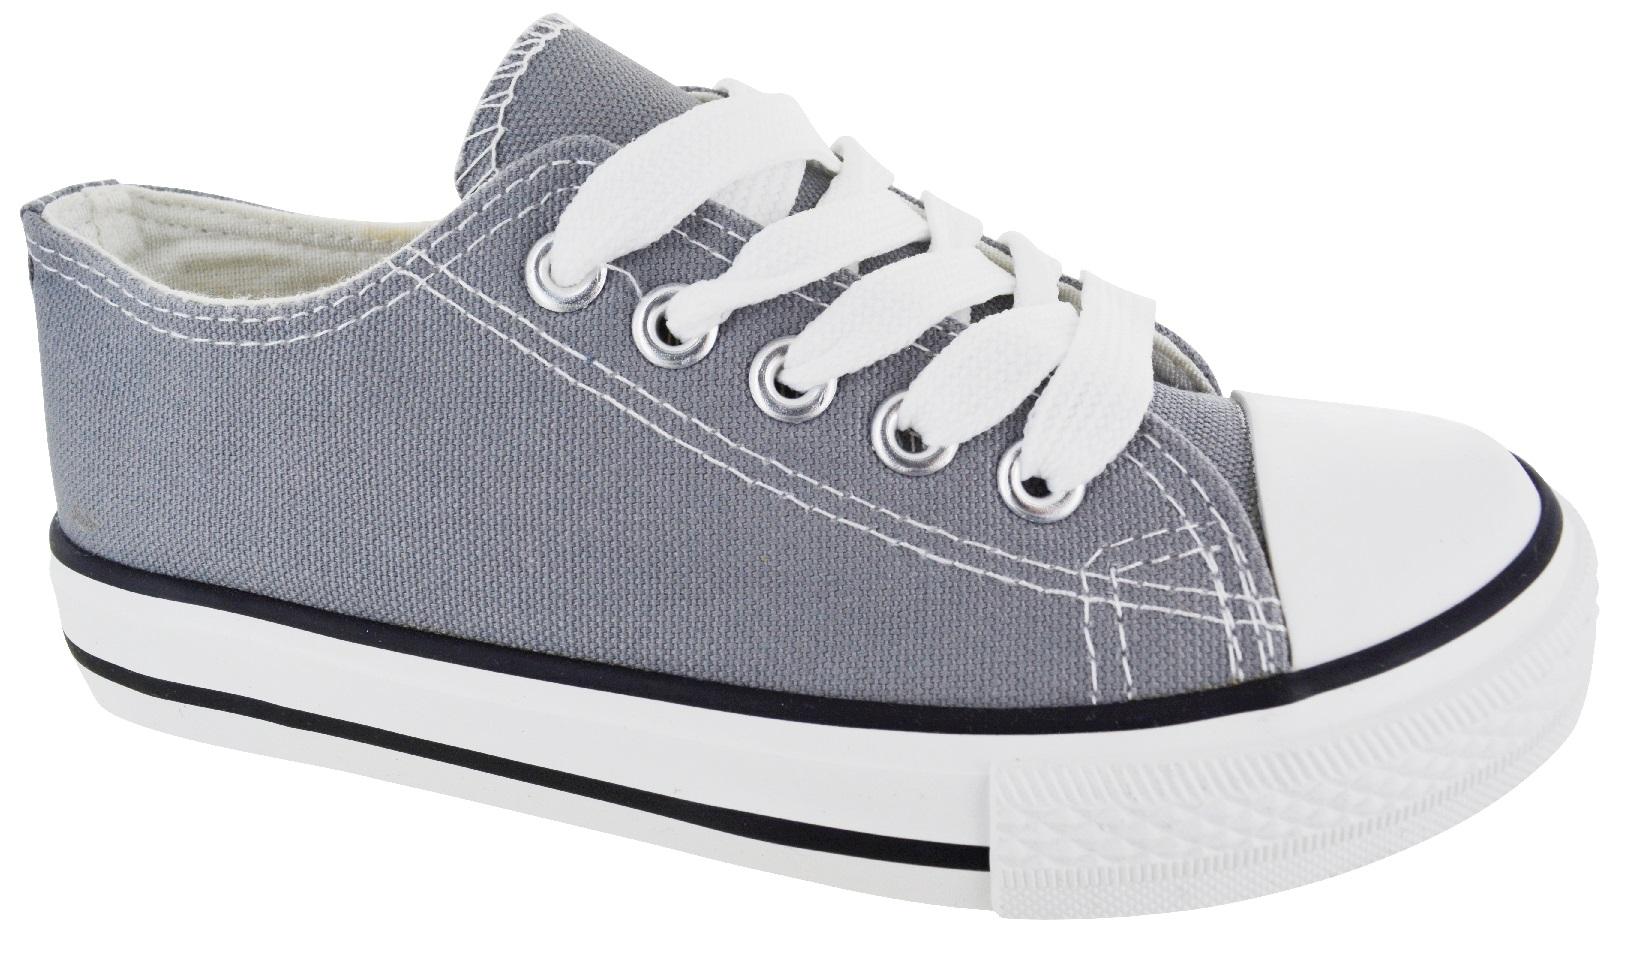 Garçons Filles Enfants Enfants Extérieur Confortable Sneaker Trainer Plimsoles Chaussures Plates Taille